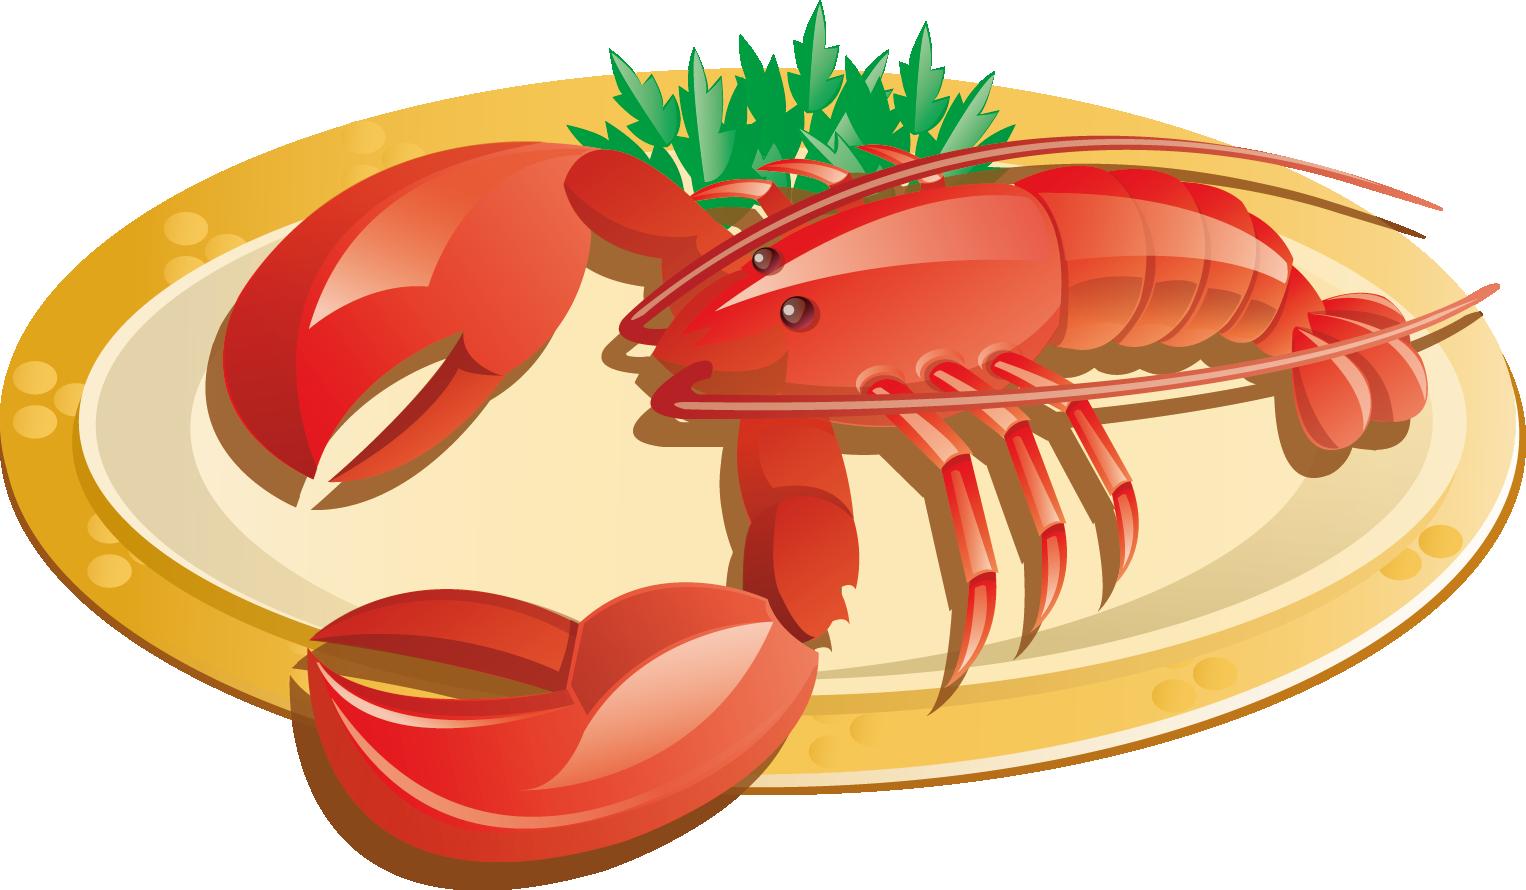 Lobster clipart lobster dish. Crab clip art transprent